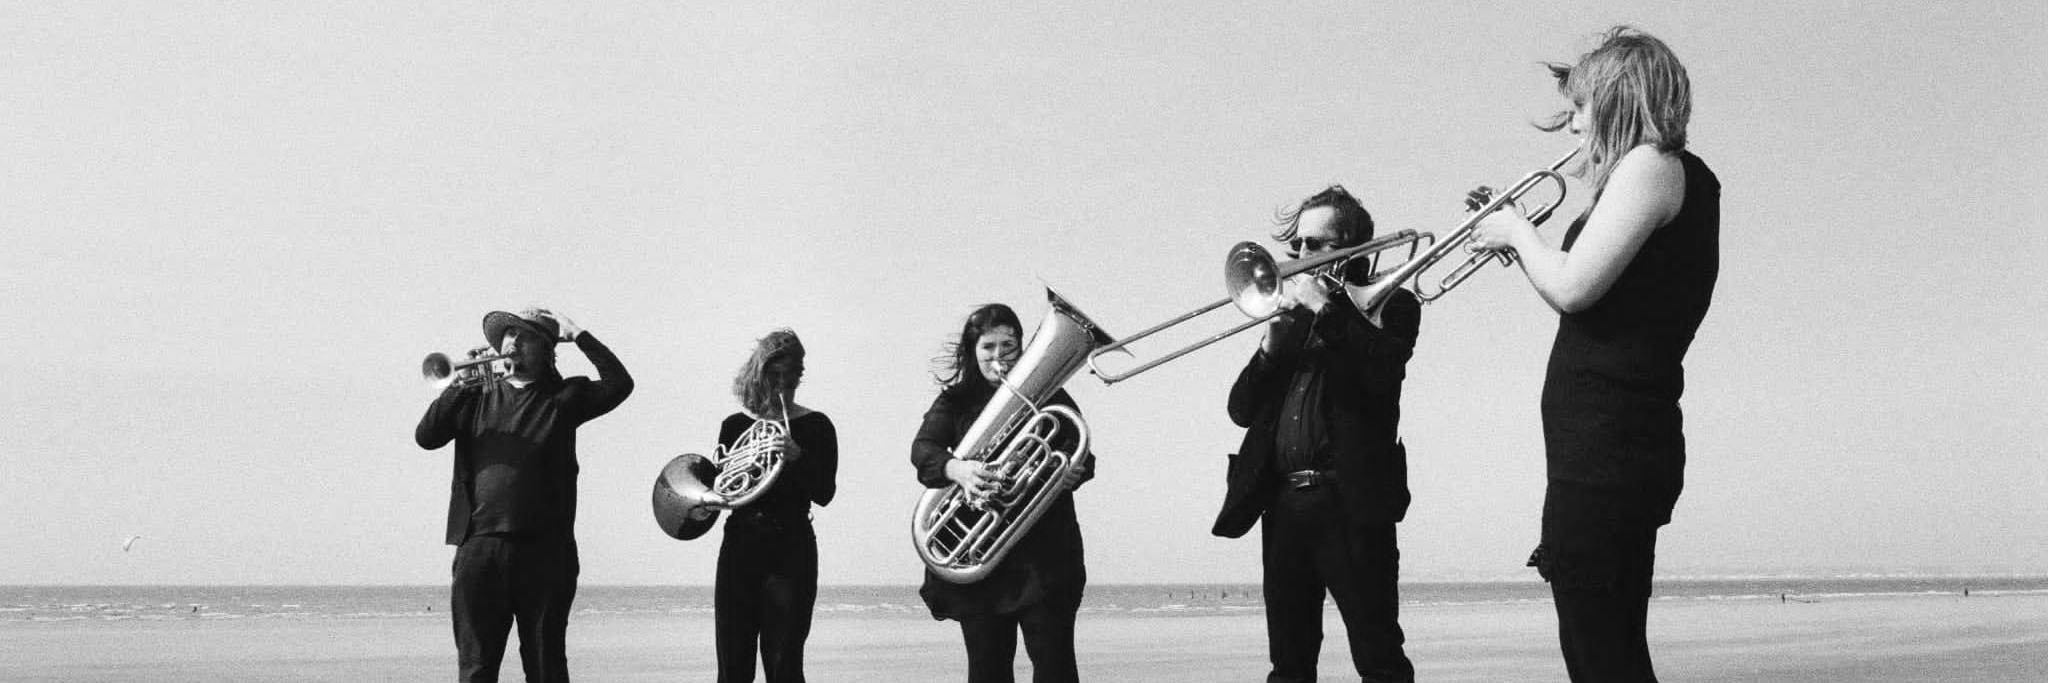 Q5 - Brass Quintet, groupe de musique Film en représentation à Paris - photo de couverture n° 1